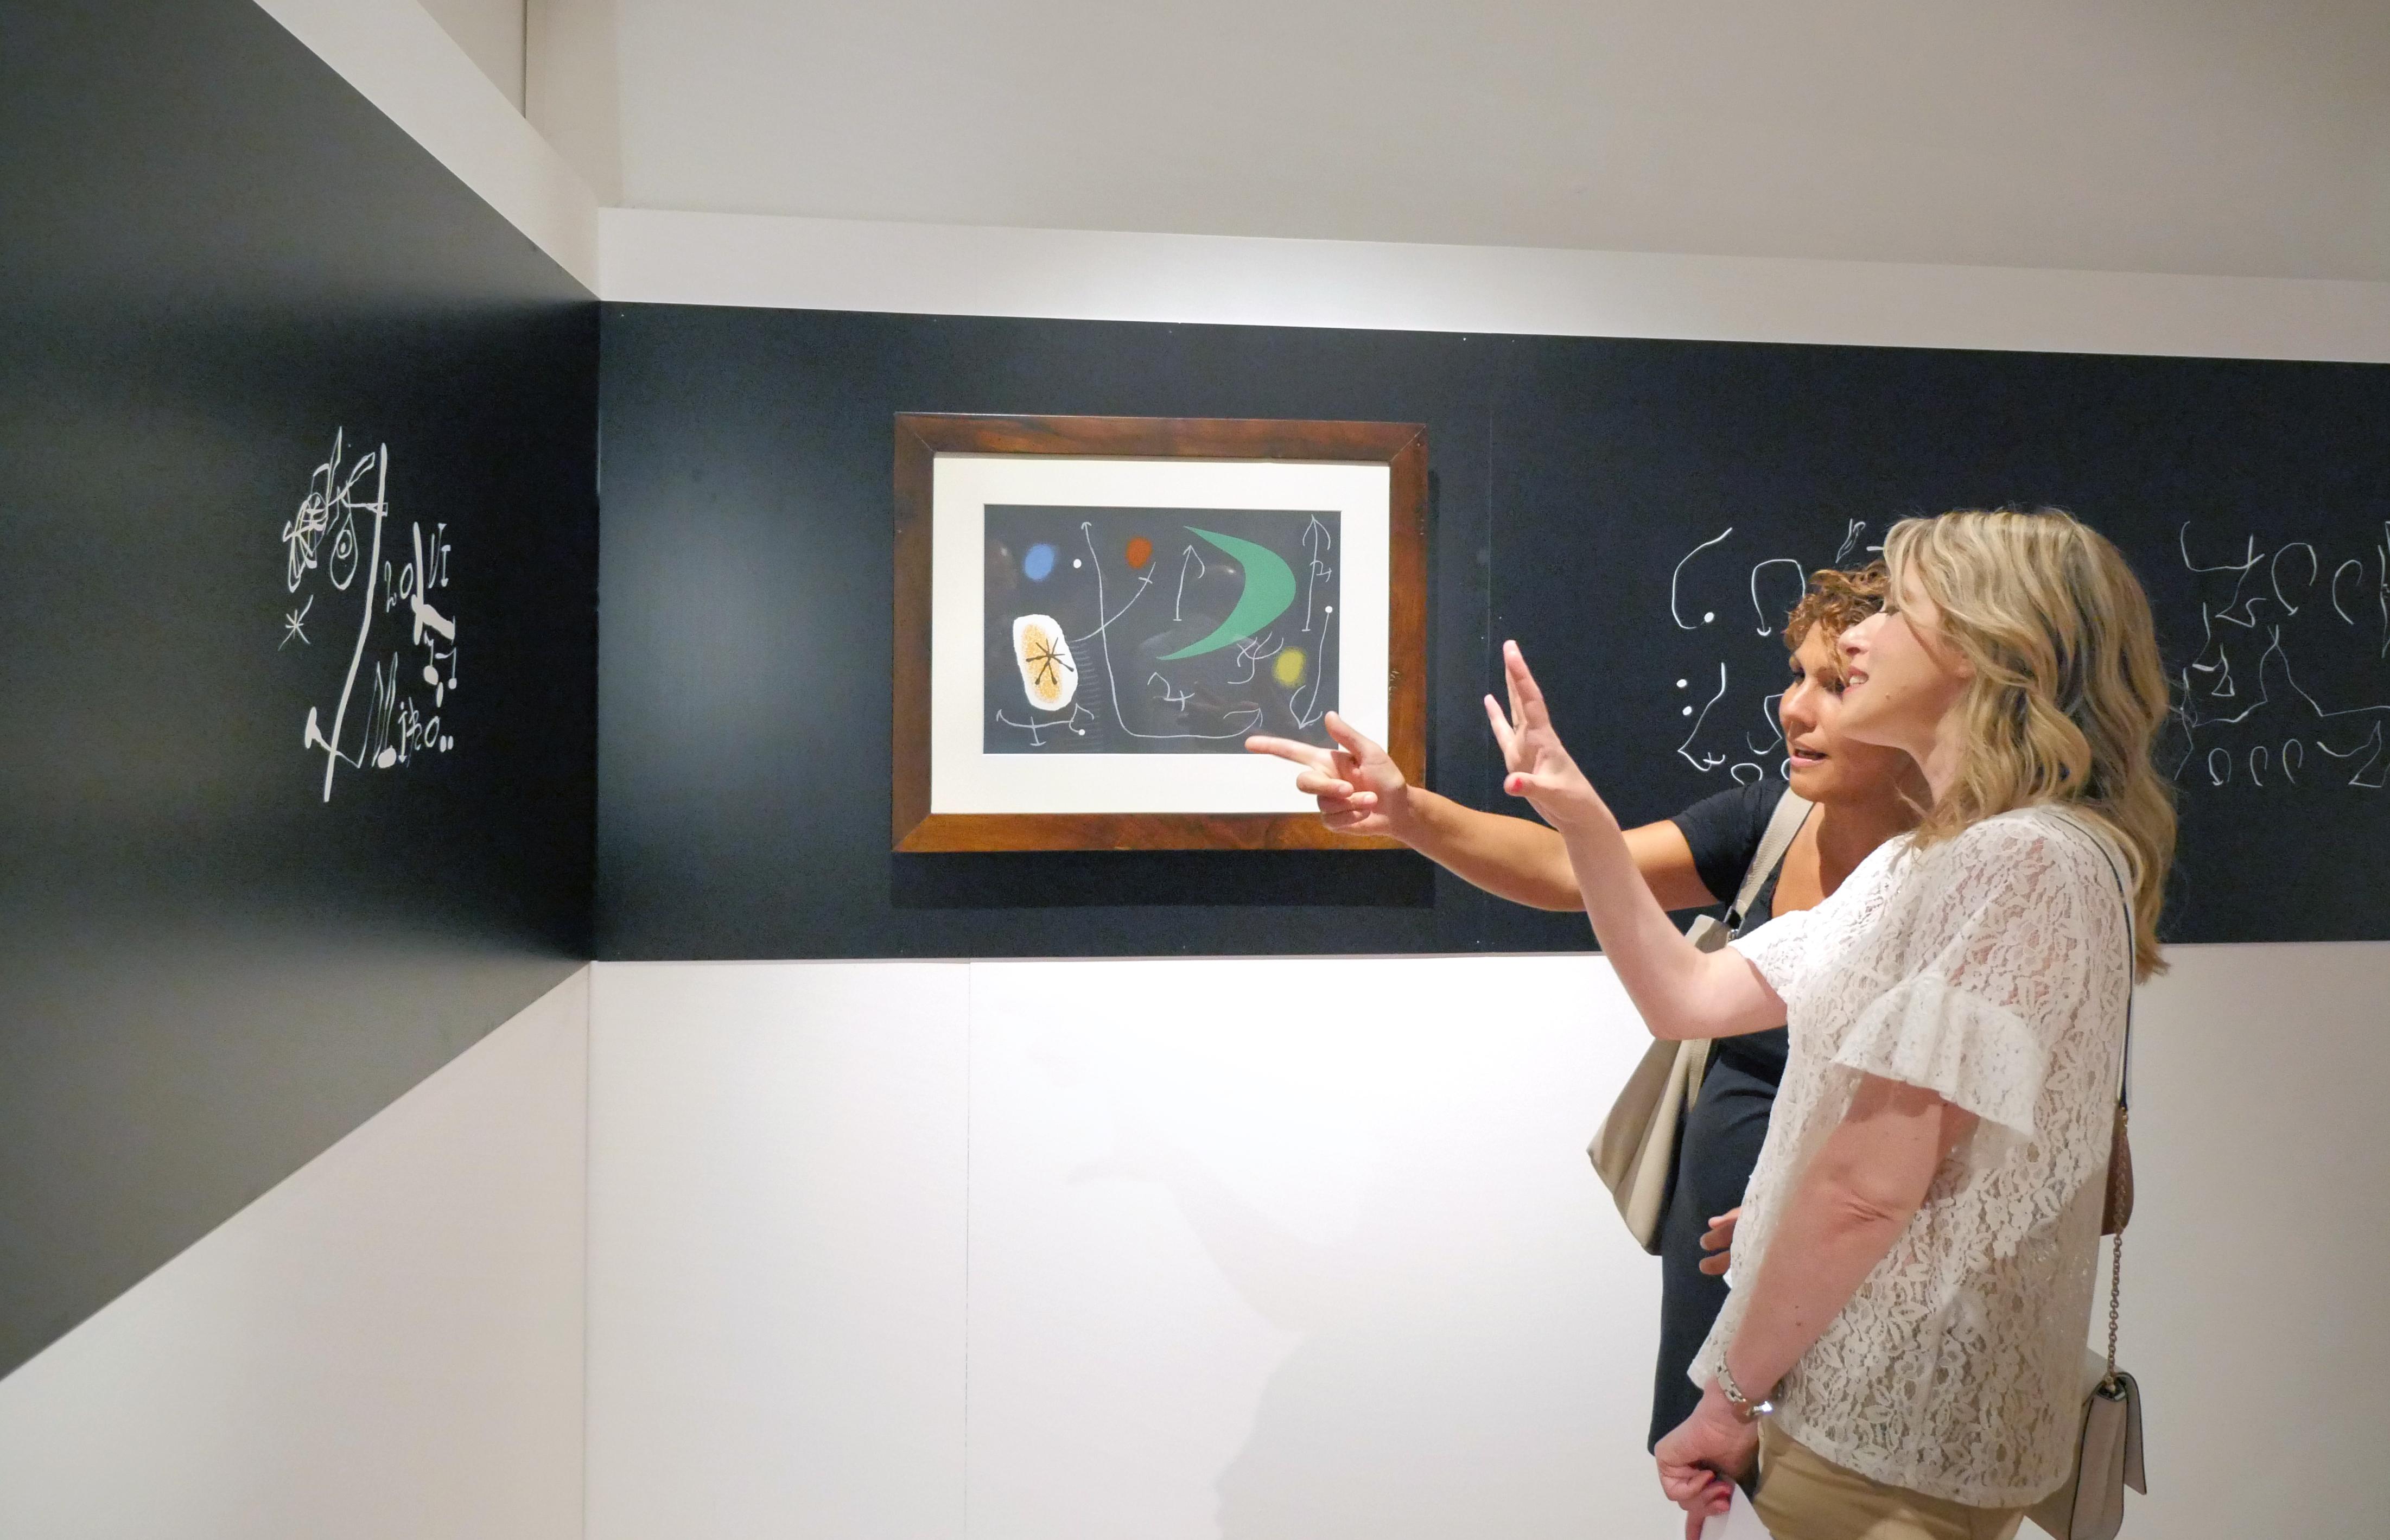 Ancora due settimane per Miró a Recanati. Prorogata fino al 19 novembre